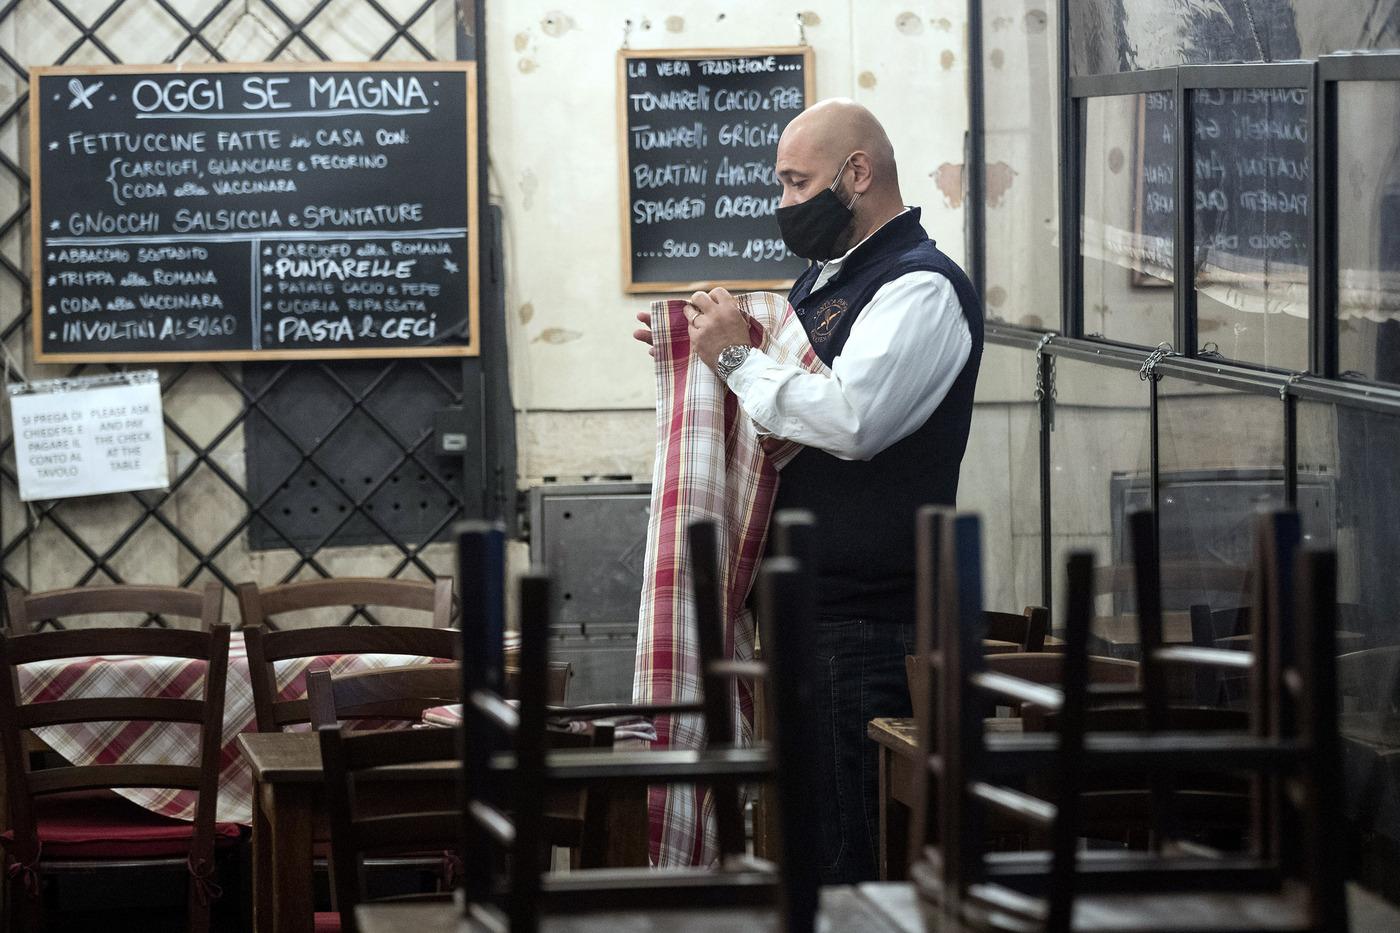 Bar e ristoranti chiudono alle 18.00 in ottemperanza al Dpcm anti Covid-19